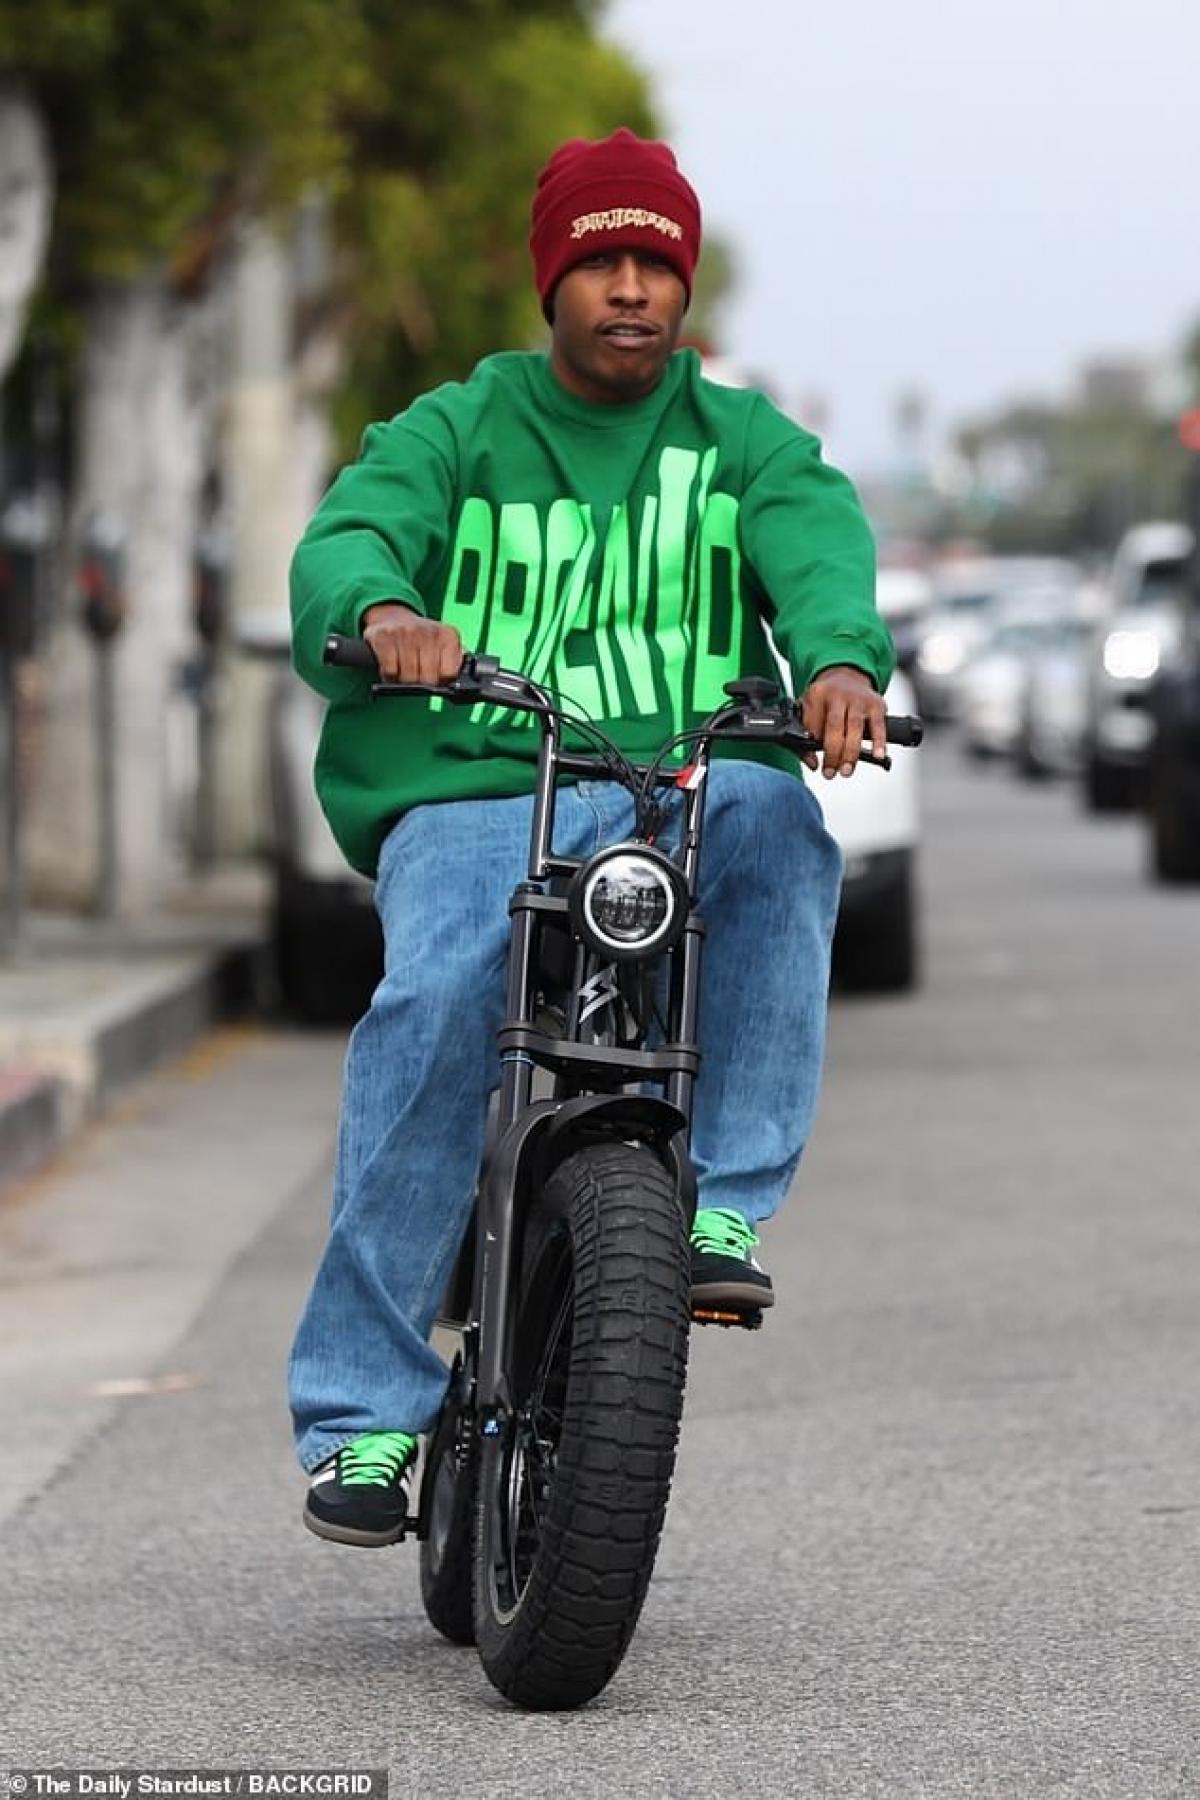 Ngày 14/4, A$AP Rocky bị cánh săn ảnh bắt gặp khi đang đi dạo phố bằng xe máy điện Super73 ở Los Angeles.